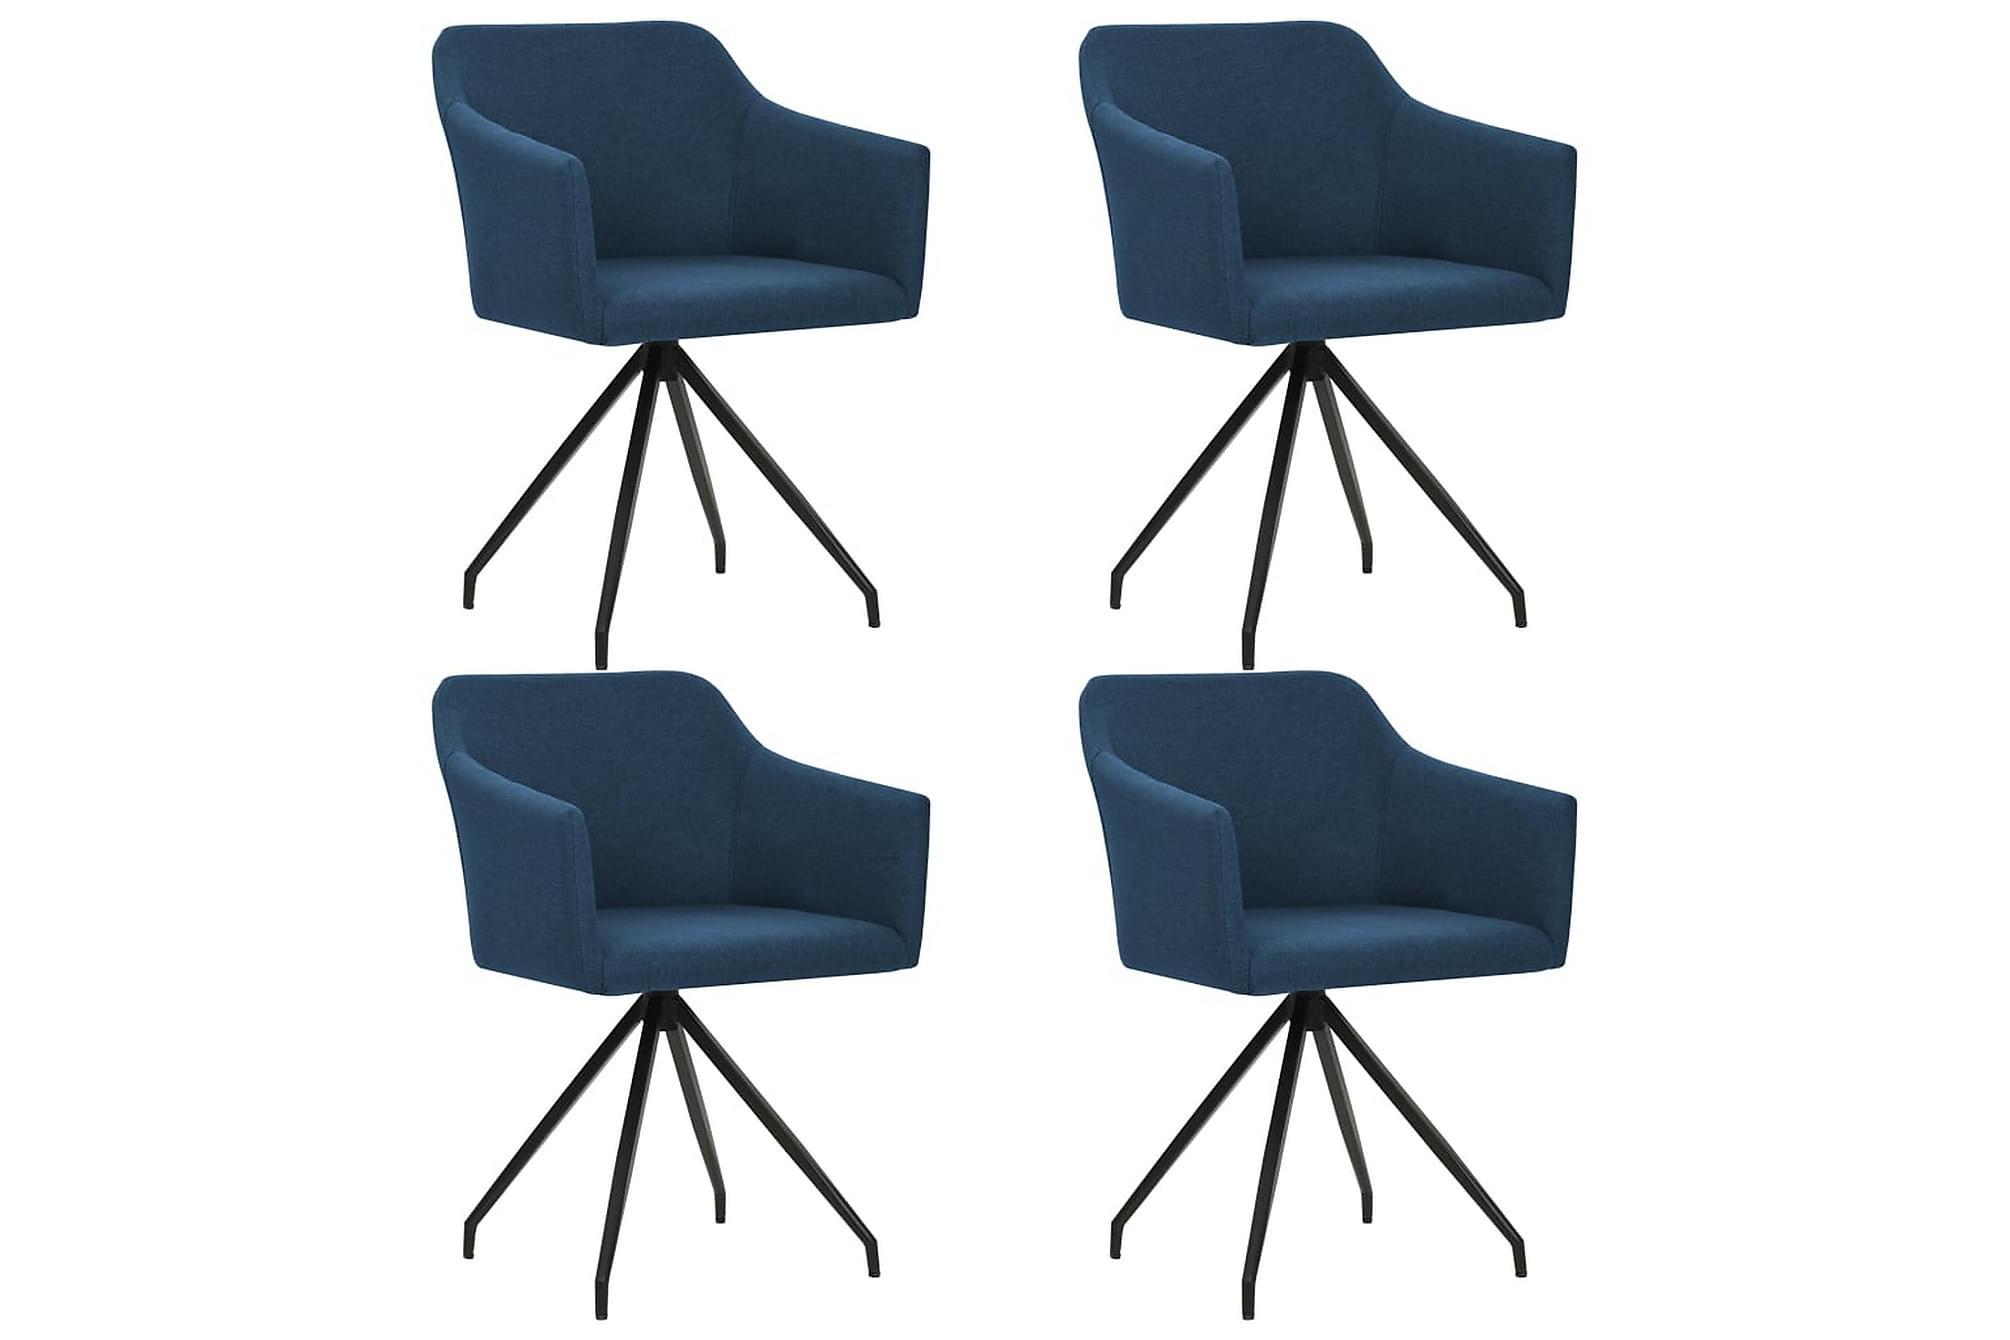 Matstol 4 st snurrbar tyg blå